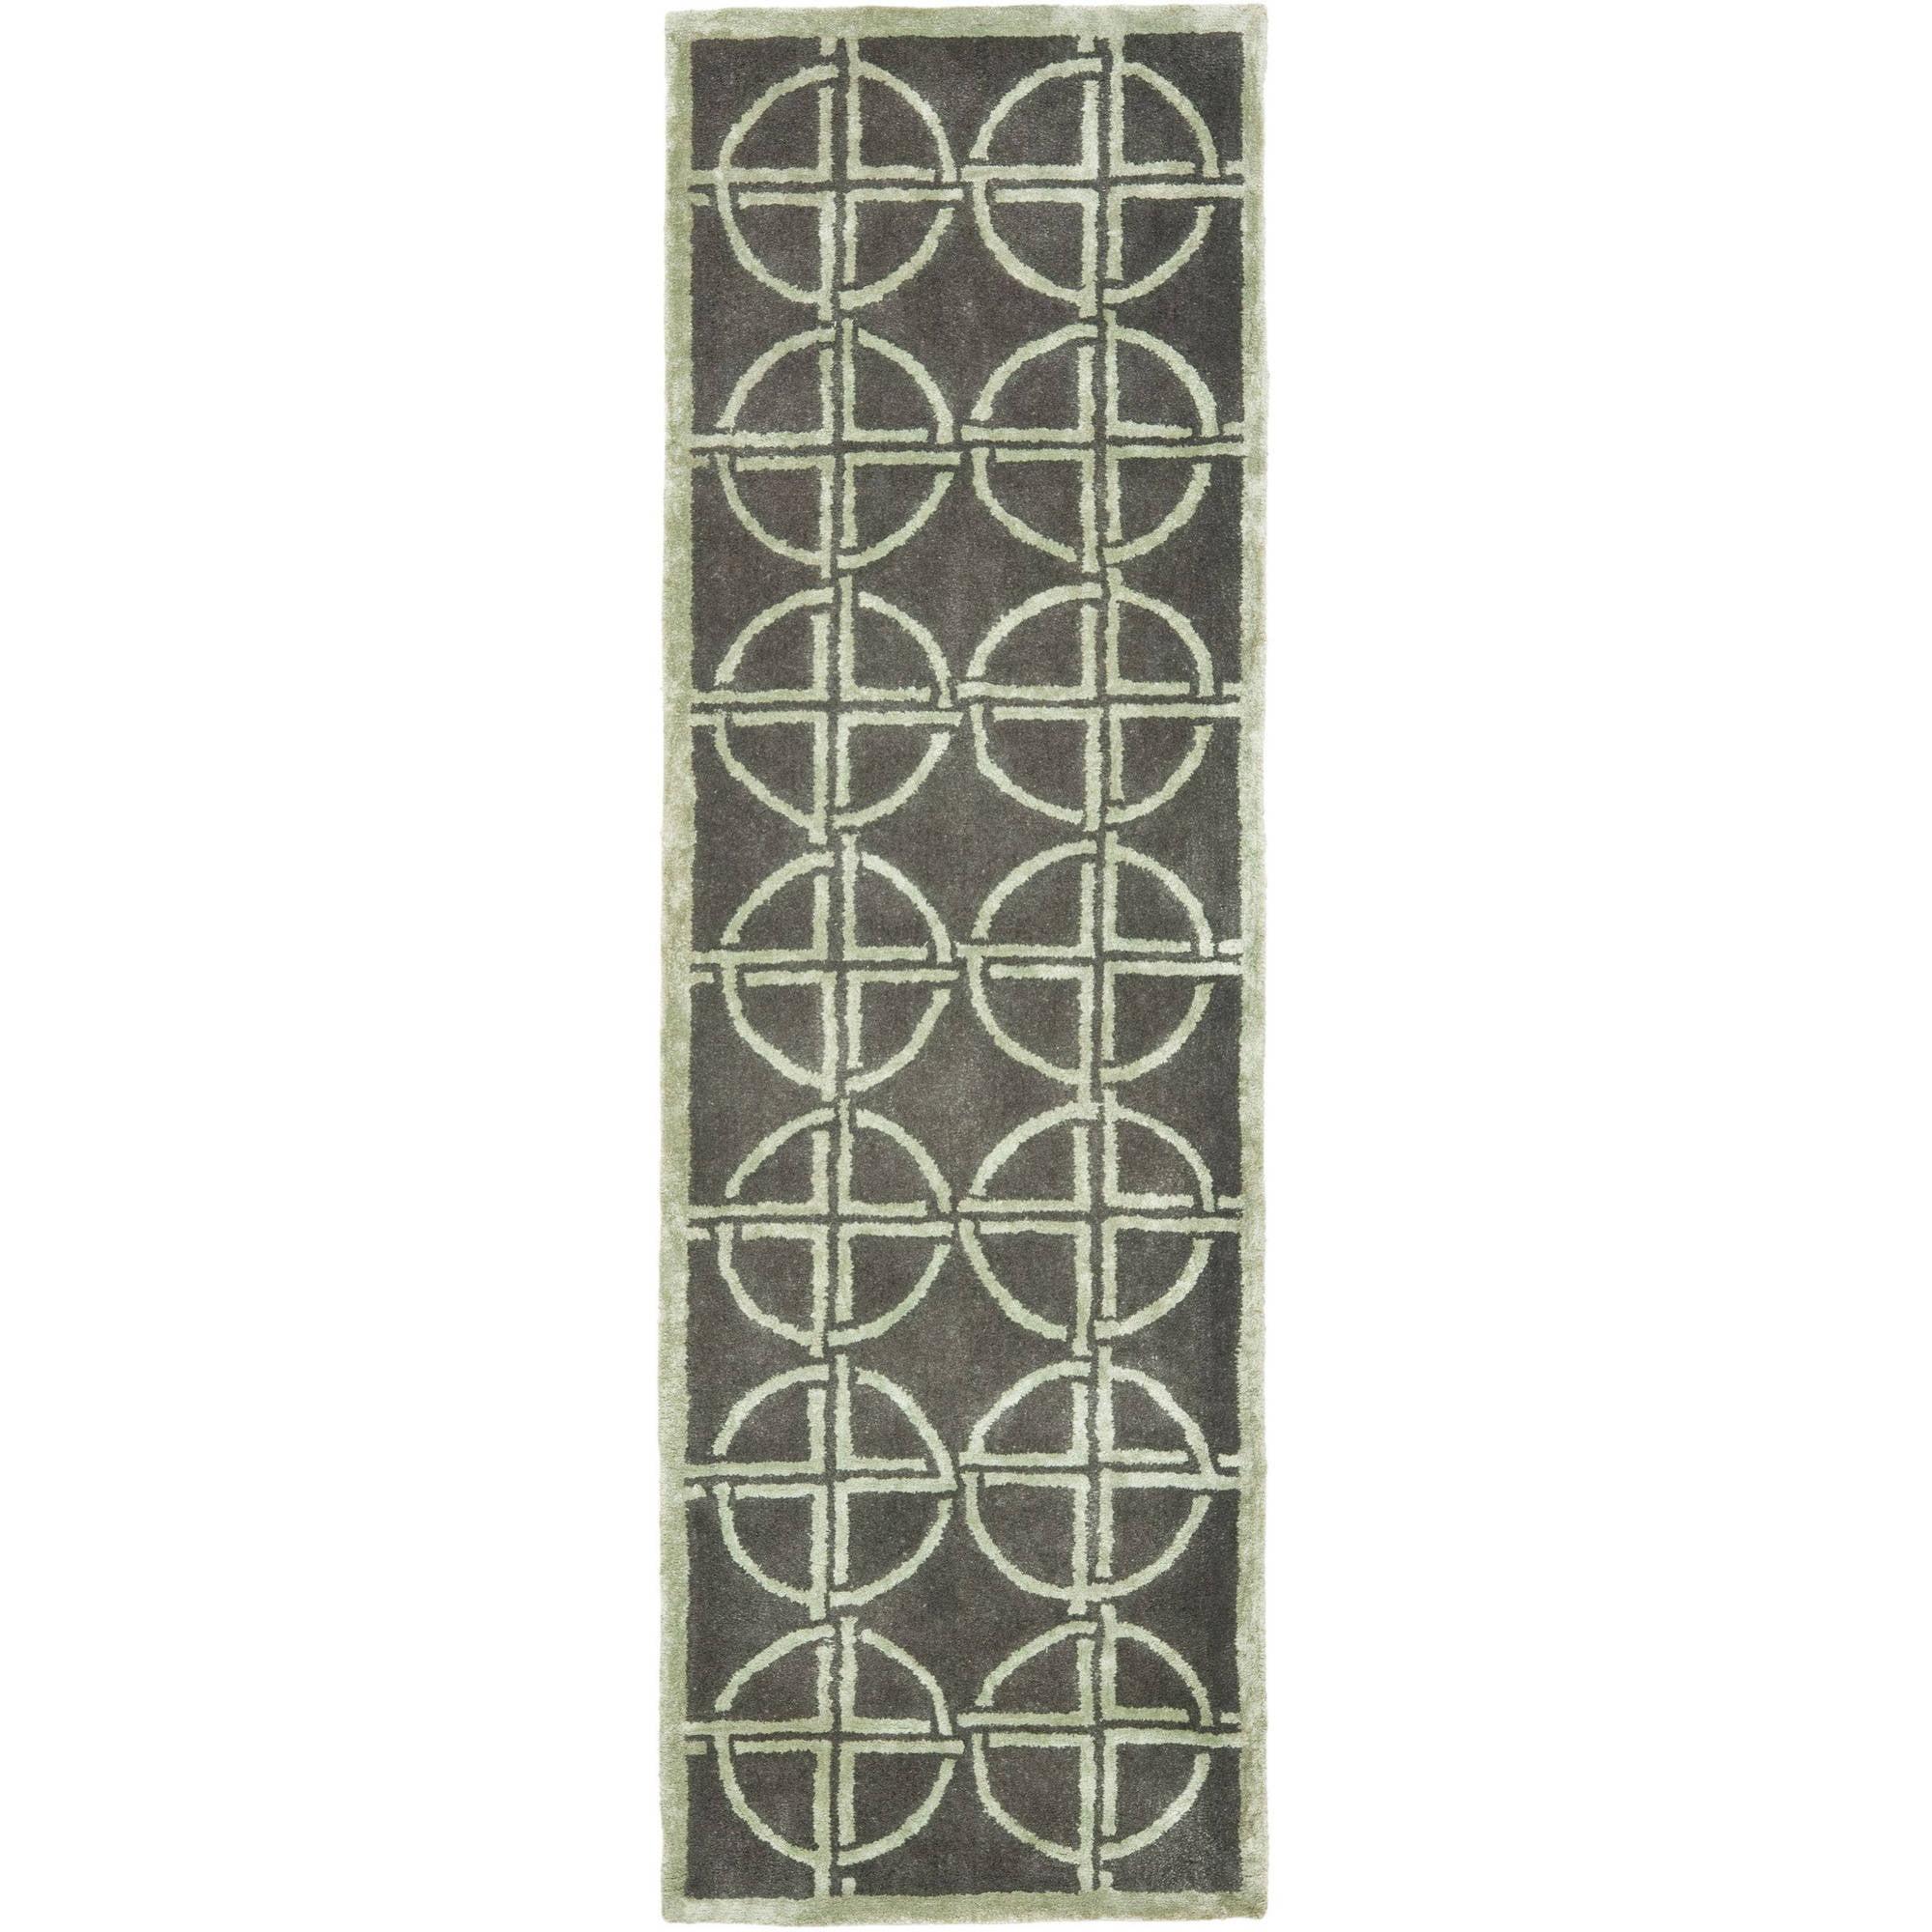 Safavieh Soho Aiken Geometric Wool Area Rug or Runner